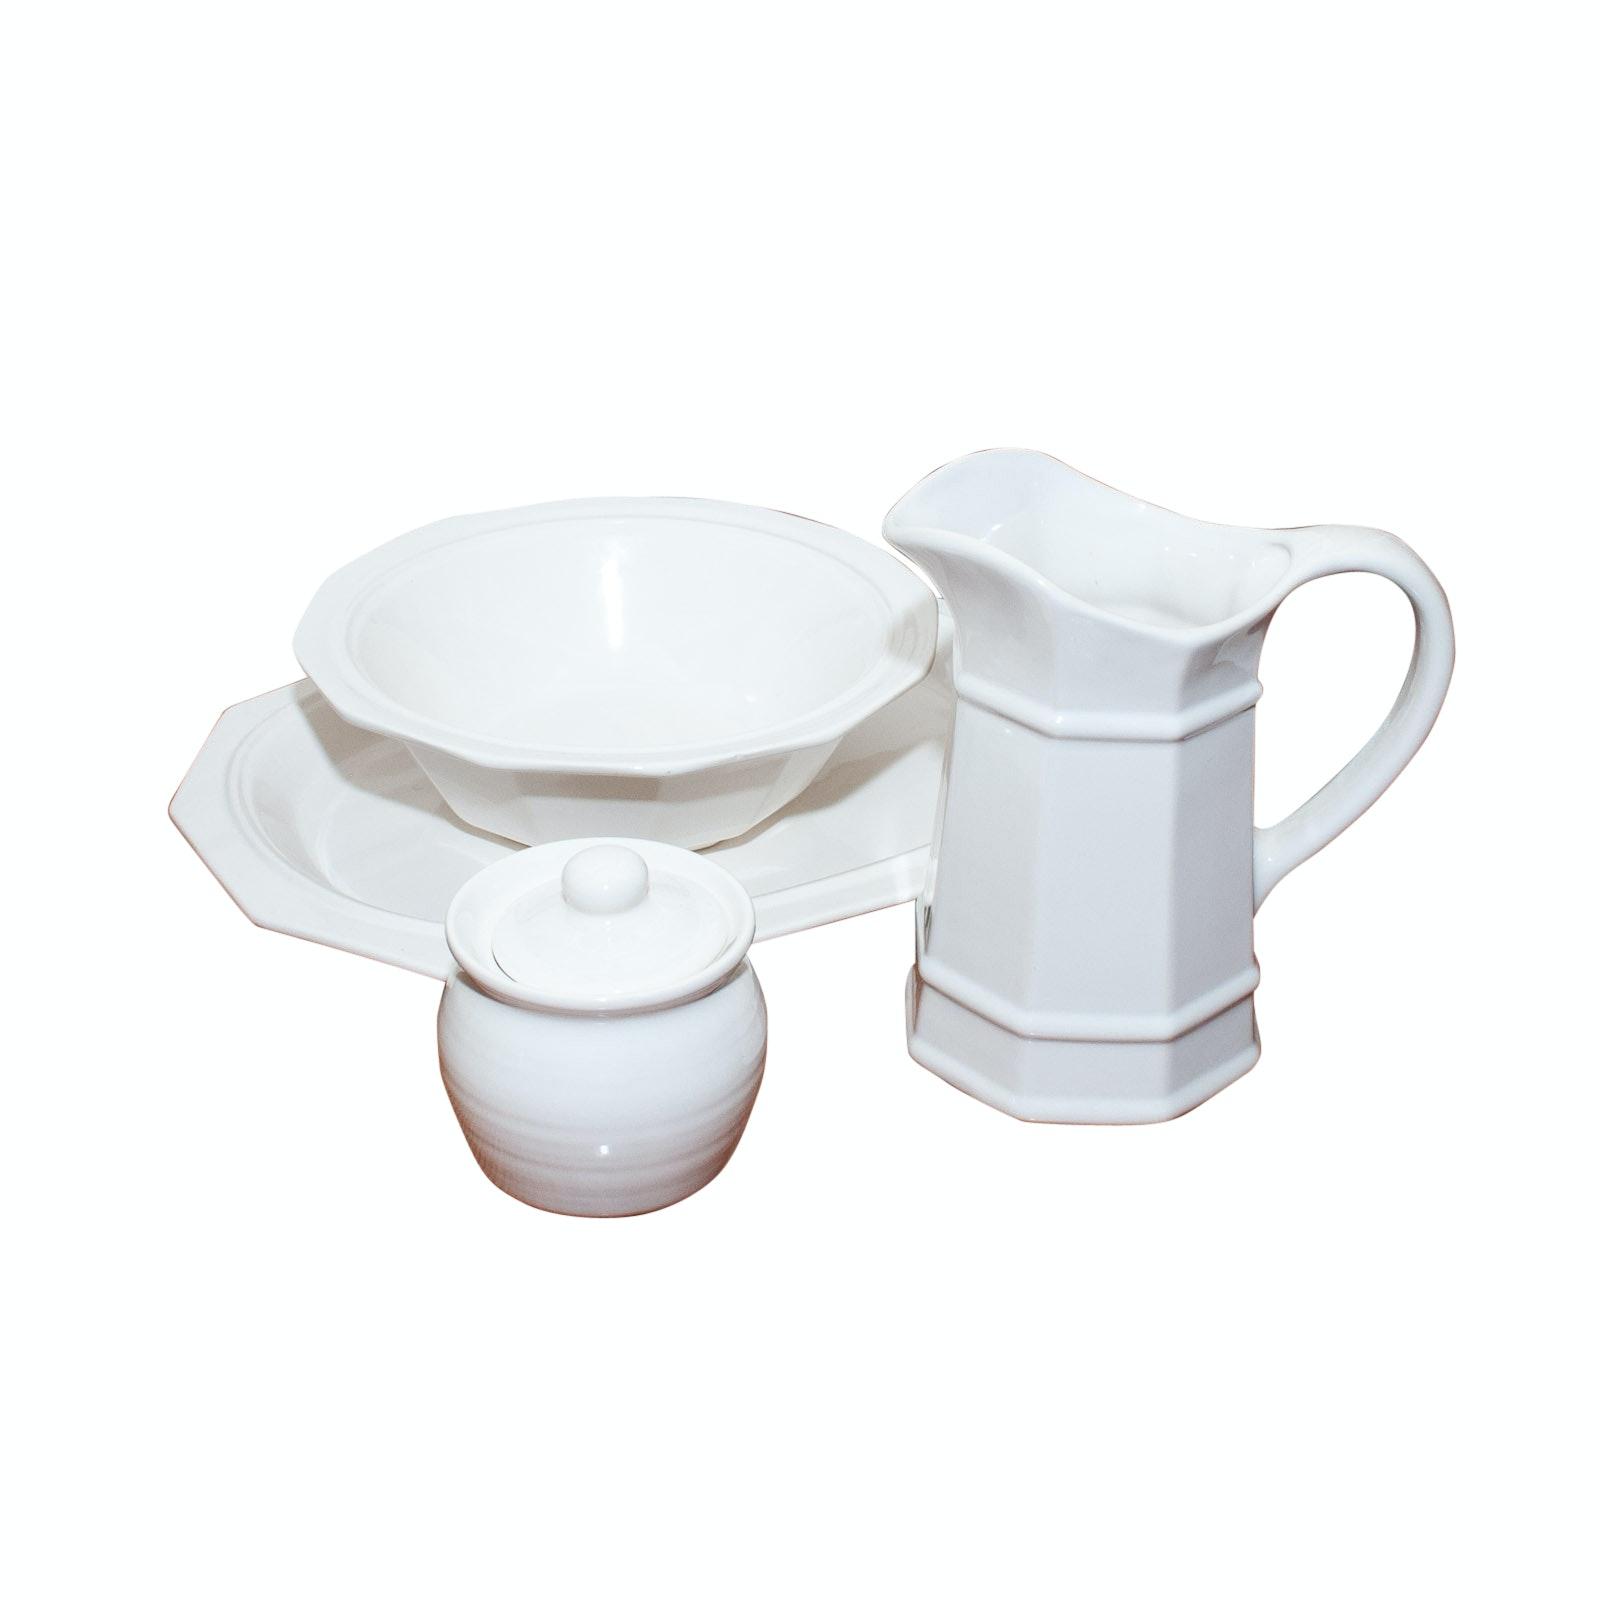 Pfaltzgraff Tableware Set